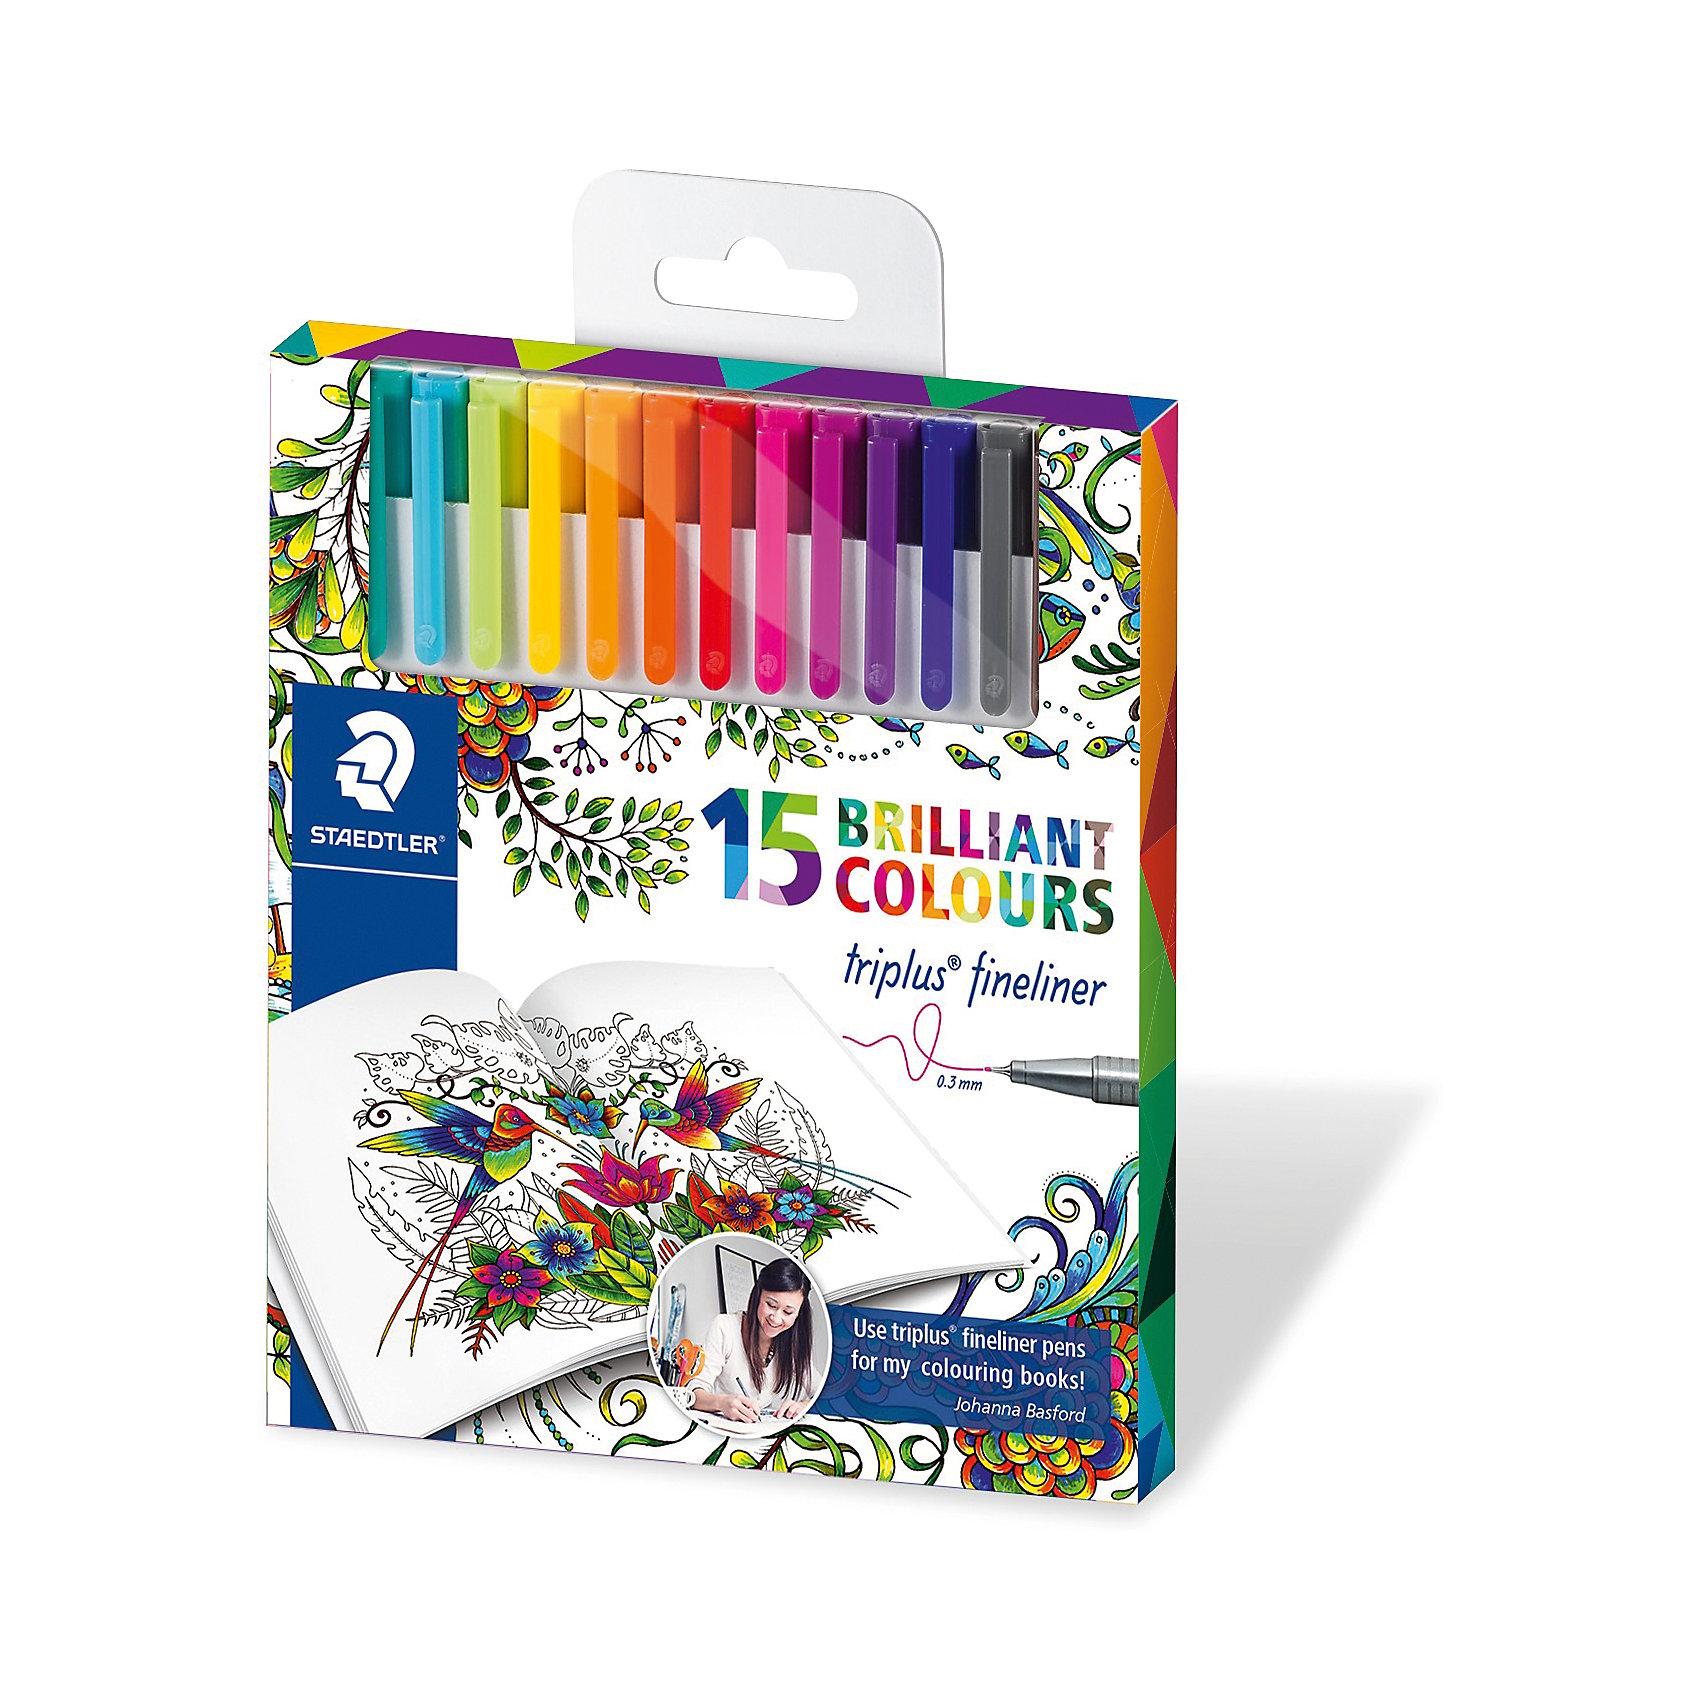 Набор капиллярных ручек Triplus, 15 цветов, яркие цвета, Johanna Basford, StaedtlerПисьменные принадлежности<br>Набор капиллярных ручек Triplus, 15 цветов, яркие цвета, Johanna Basford, Staedtler (Штедлер).<br><br>Характеристики:<br><br>• Для детей в возрасте: от 5 лет<br>• В наборе: 15 разноцветных ручек<br>• Яркие цвета<br>• Специальное издание Johanna Basford (Джоанна Бэсфорд – художник-иллюстратор, создающая уникальные раскраски антистресс)<br>• Цвет чернил соответствует цвету колпачка и заглушки<br>• Чернила на водной основе<br>• Отстирывается с большинства тканей<br>• Материал корпуса: полипропилен<br>• Толщина линии: 0,3 мм.<br>• Упаковка: картонная коробка с европодвесом<br>• Размер упаковки: 163х147х15 мм.<br>• Вес: 146 гр.<br><br>Набор трехгранных капиллярных ручек Triplus ® fineliner в картонной упаковке с европодвесом идеально подходит как для письма и работы с документами, так и для творчества. Эргономичная форма обеспечивает комфортное письмо без усилий и усталости. Супертонкий и особо прочный металлический наконечник гарантирует мягкое и плавное письмо. Уникальная система позволяет оставлять ручку без колпачка на несколько дней без угрозы высыхания (тест ISO). Корпус из полипропилена и большой запас чернил гарантирует долгий срок службы.<br><br>Набор капиллярных ручек Triplus, 15 цветов, яркие цвета, Johanna Basford, Staedtler (Штедлер) можно купить в нашем интернет-магазине.<br><br>Ширина мм: 165<br>Глубина мм: 147<br>Высота мм: 150<br>Вес г: 154<br>Возраст от месяцев: 60<br>Возраст до месяцев: 2147483647<br>Пол: Унисекс<br>Возраст: Детский<br>SKU: 5529999